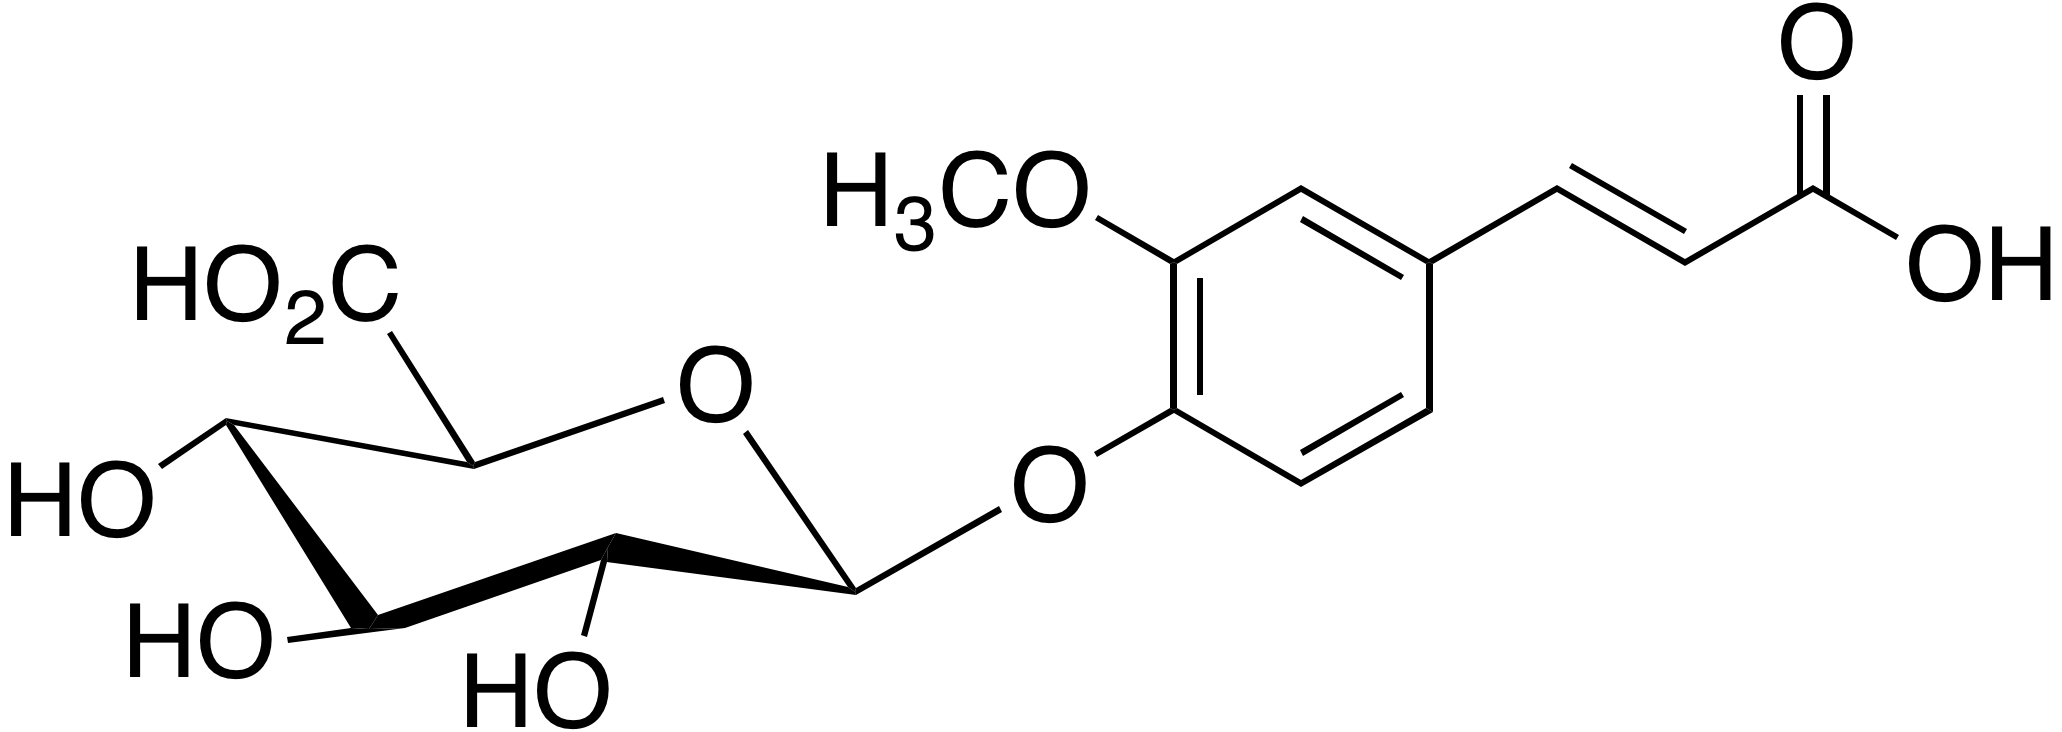 Ferulic acid 4-O-β-D-glucuronide